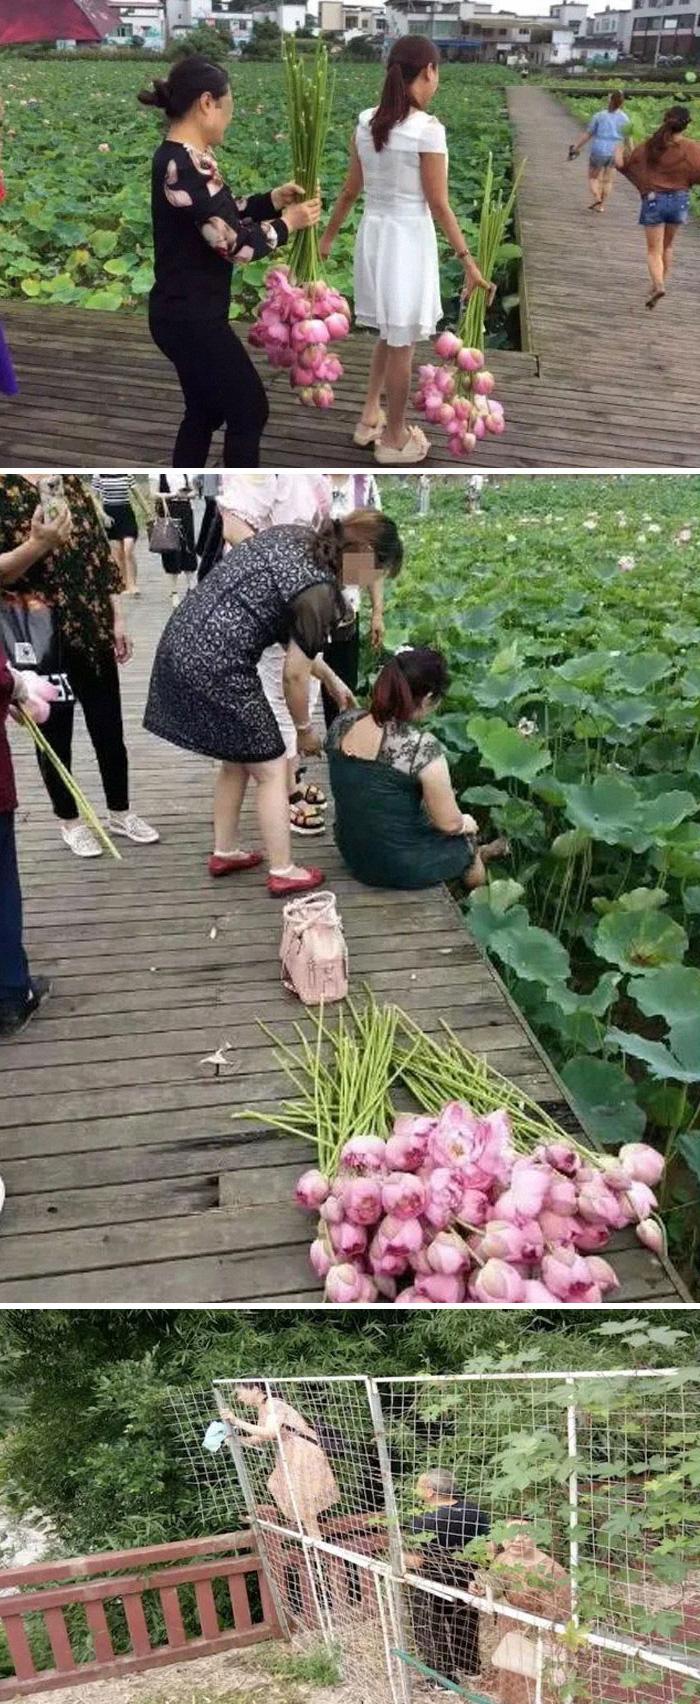 22 touristes imbéciles qui n'ont aucun respect pour les lieux qu'ils visitent